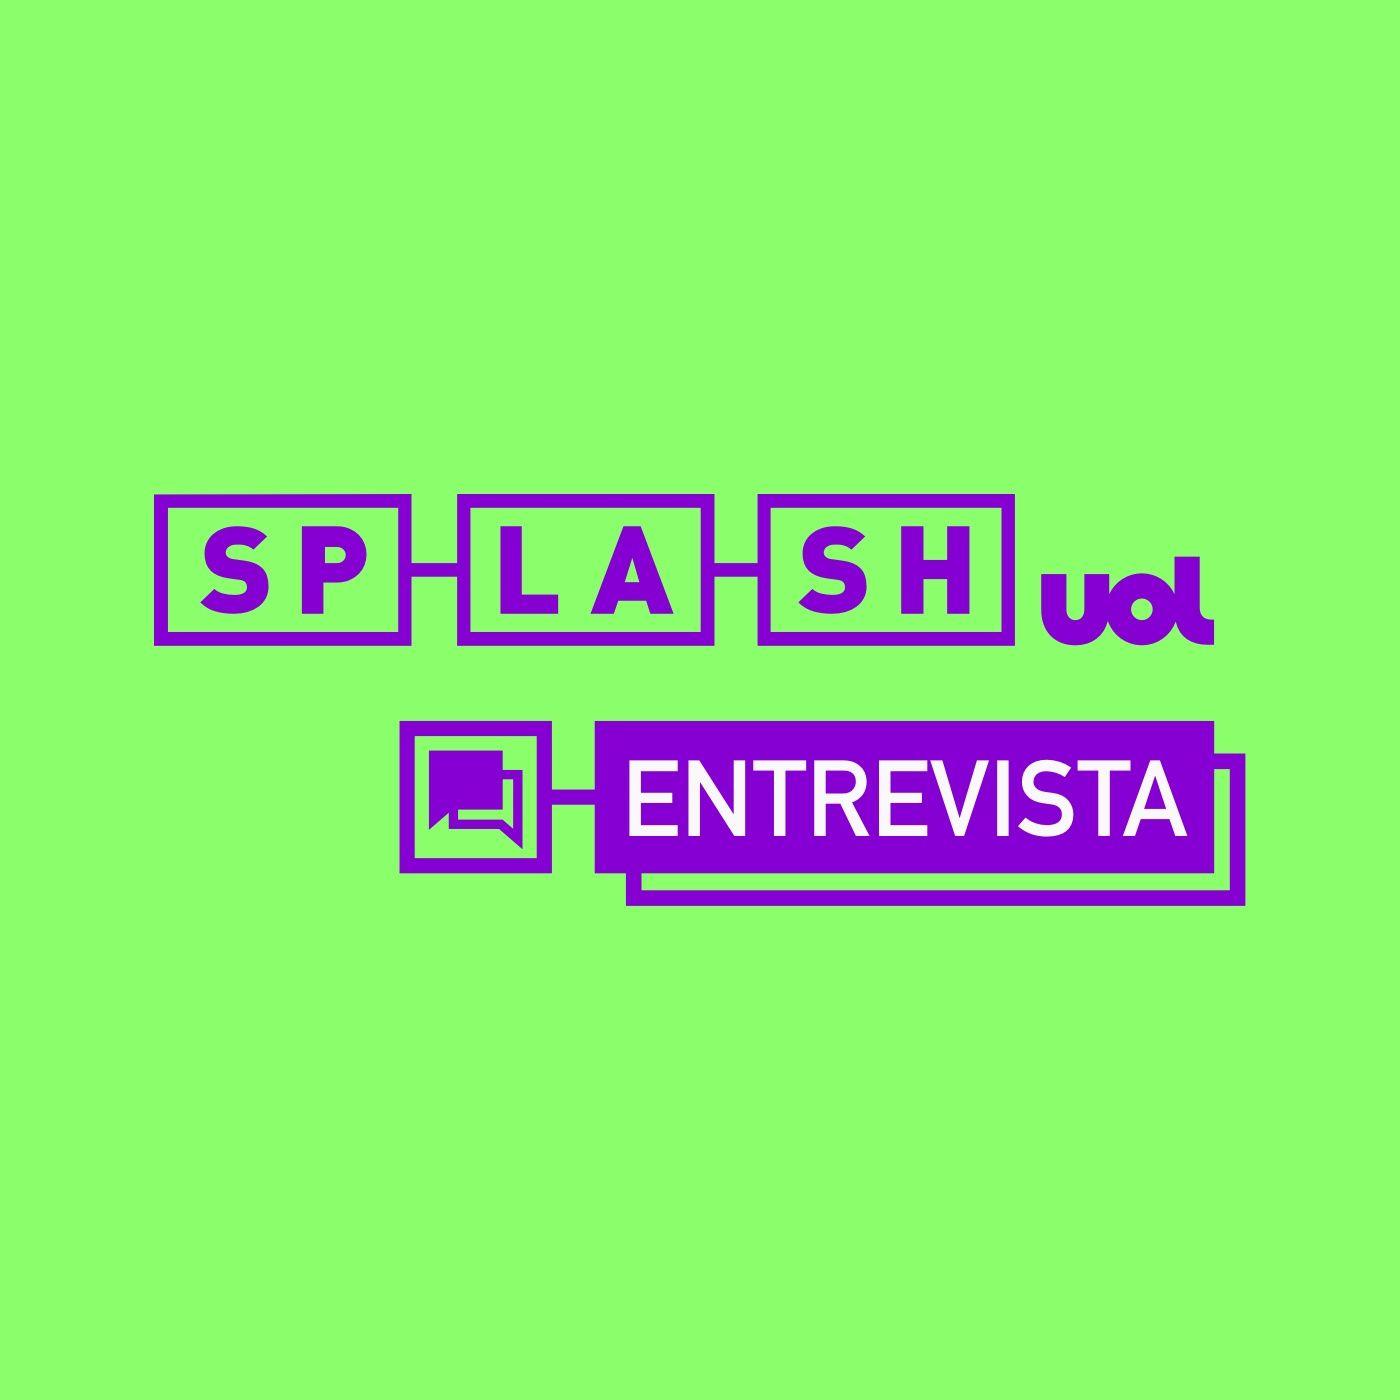 Splash Entrevista #22: Facundo Guerra, empresário: 'De fascistas não quero nem o dinheiro'